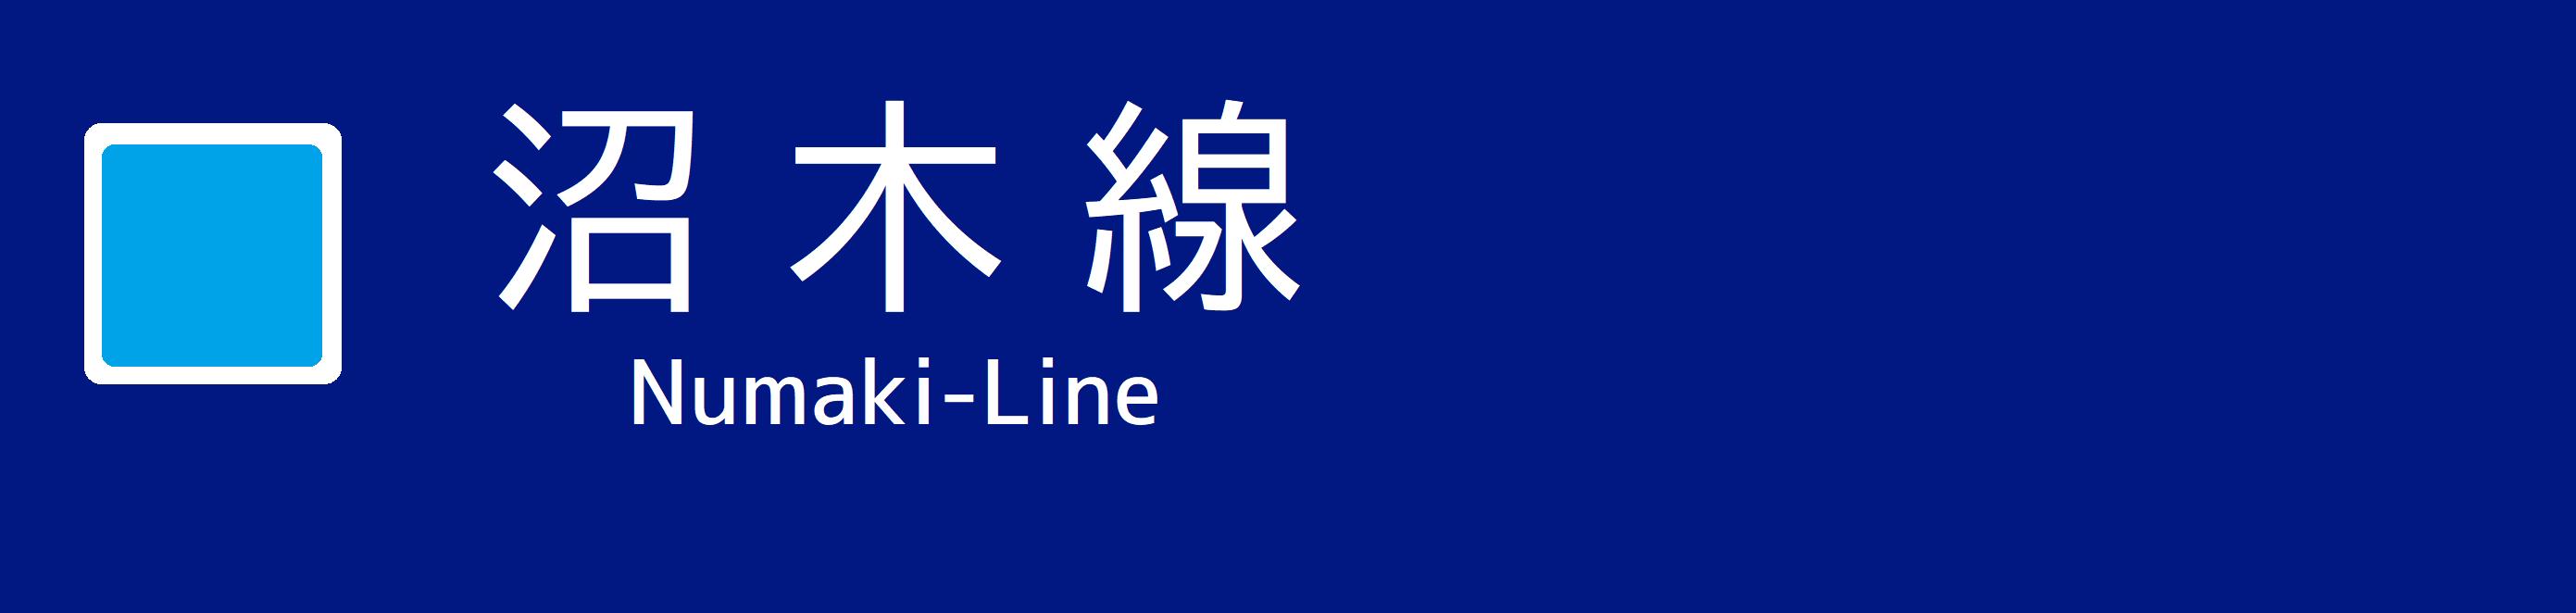 沼木線.png